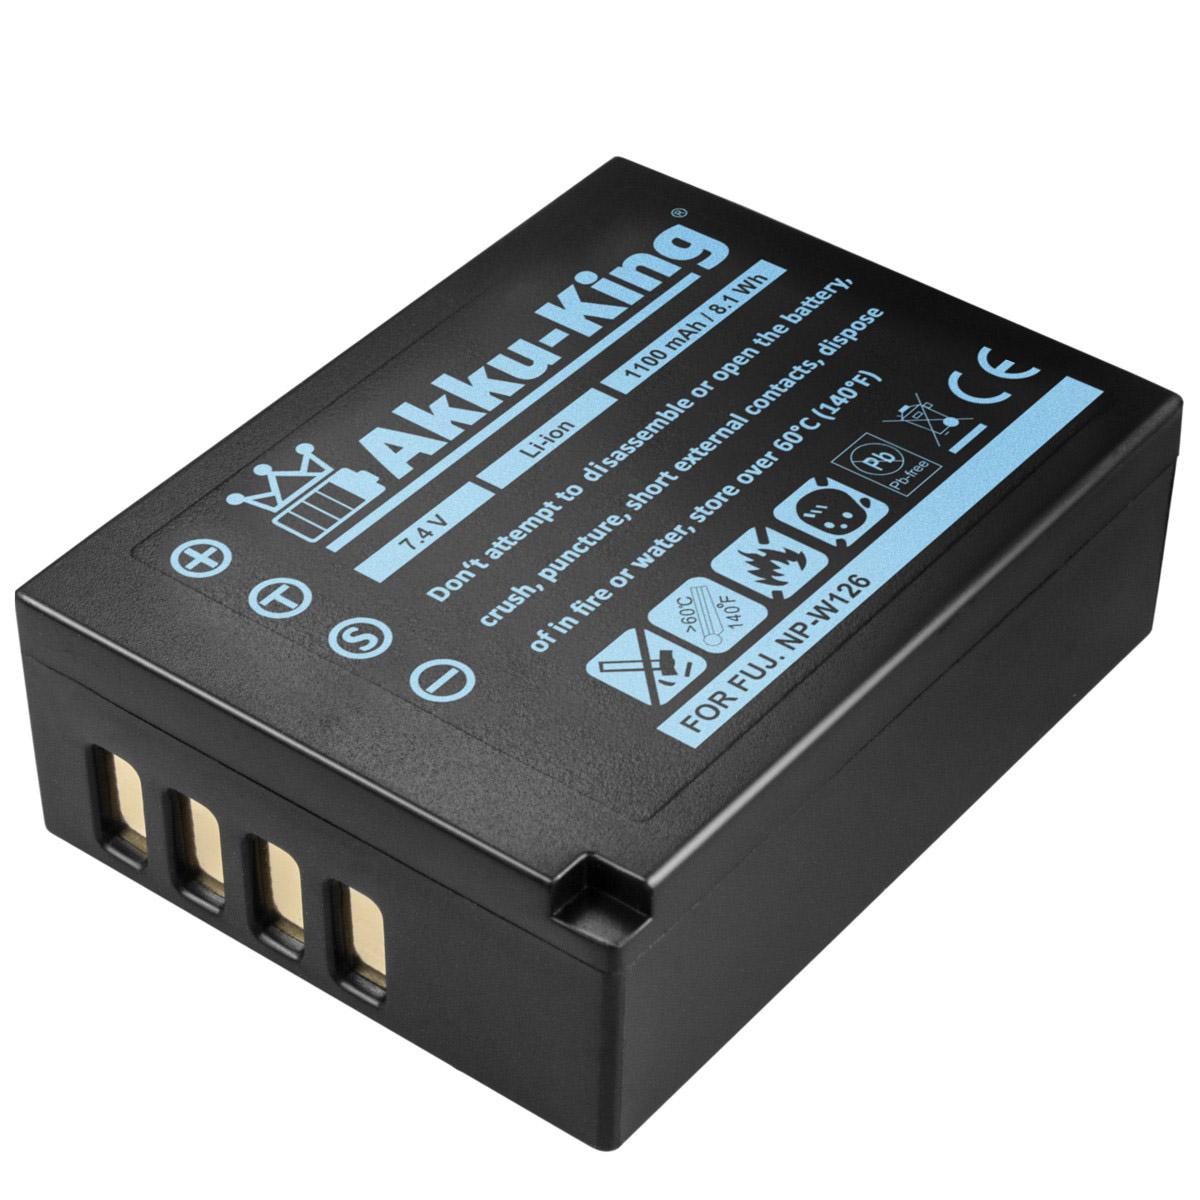 Akku King Ersetzt Fuji Np W126 W126s Li Ion 1100mah Fr Battery X A1 A2 A3 E1 E2 E2s M1 Pro1 Pro2 T1 T2